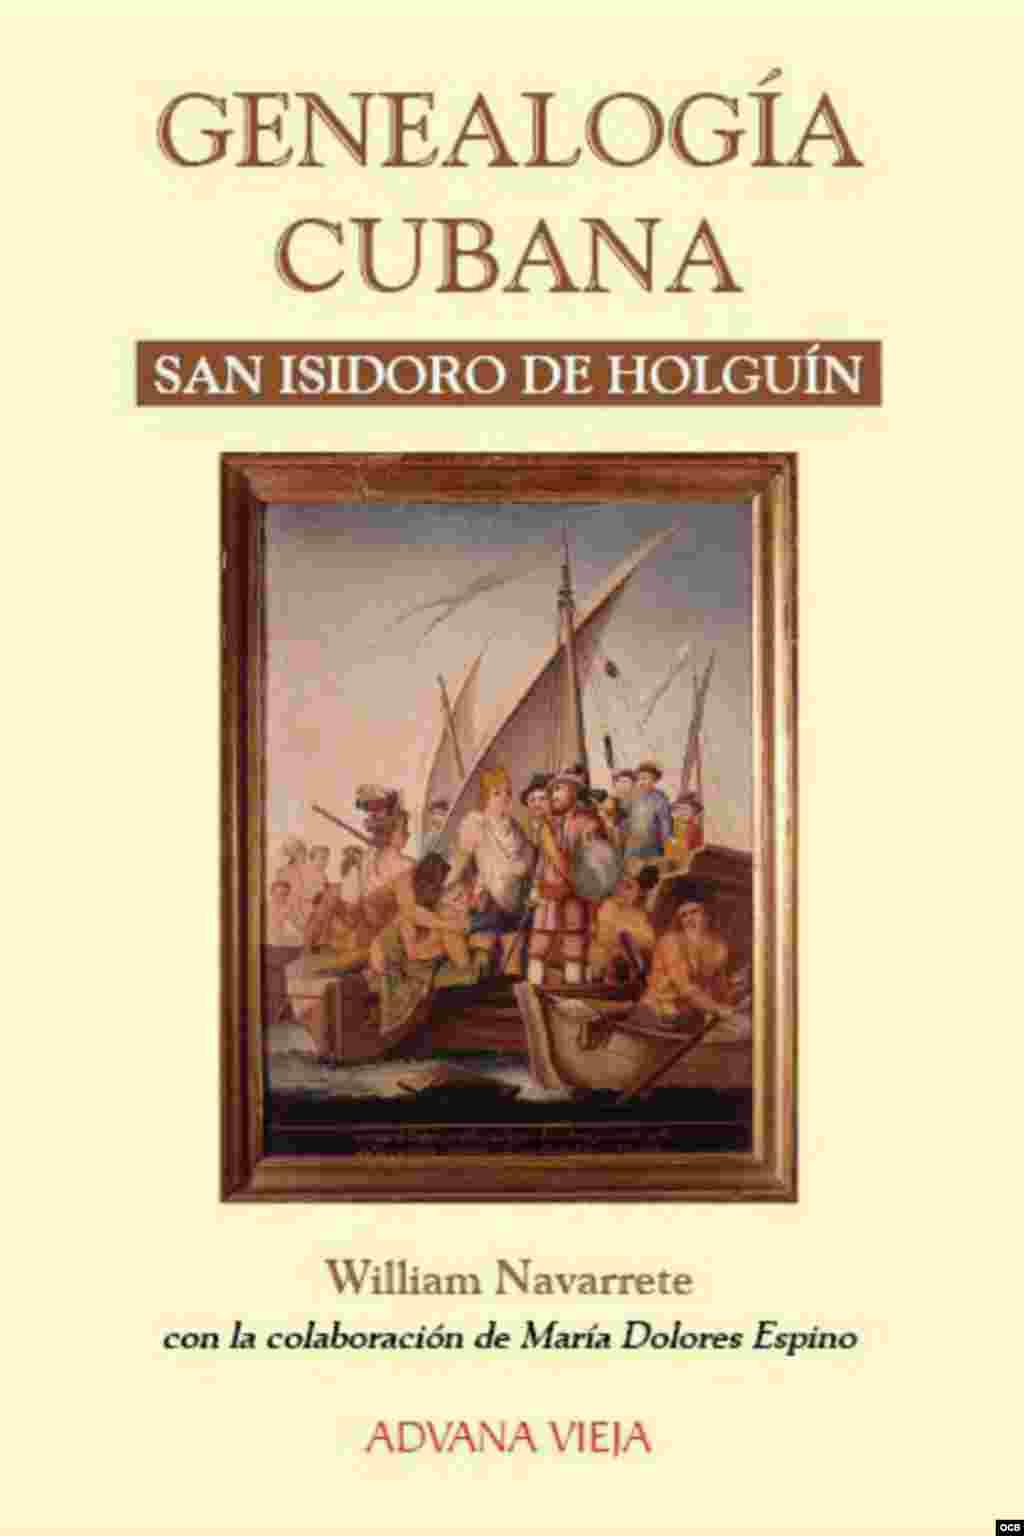 """""""Genealogías cubanas. San Isidoro de Holguín"""". William Navarrete y María Dolores Espino. Ed. Aduana Vieja, 2015."""